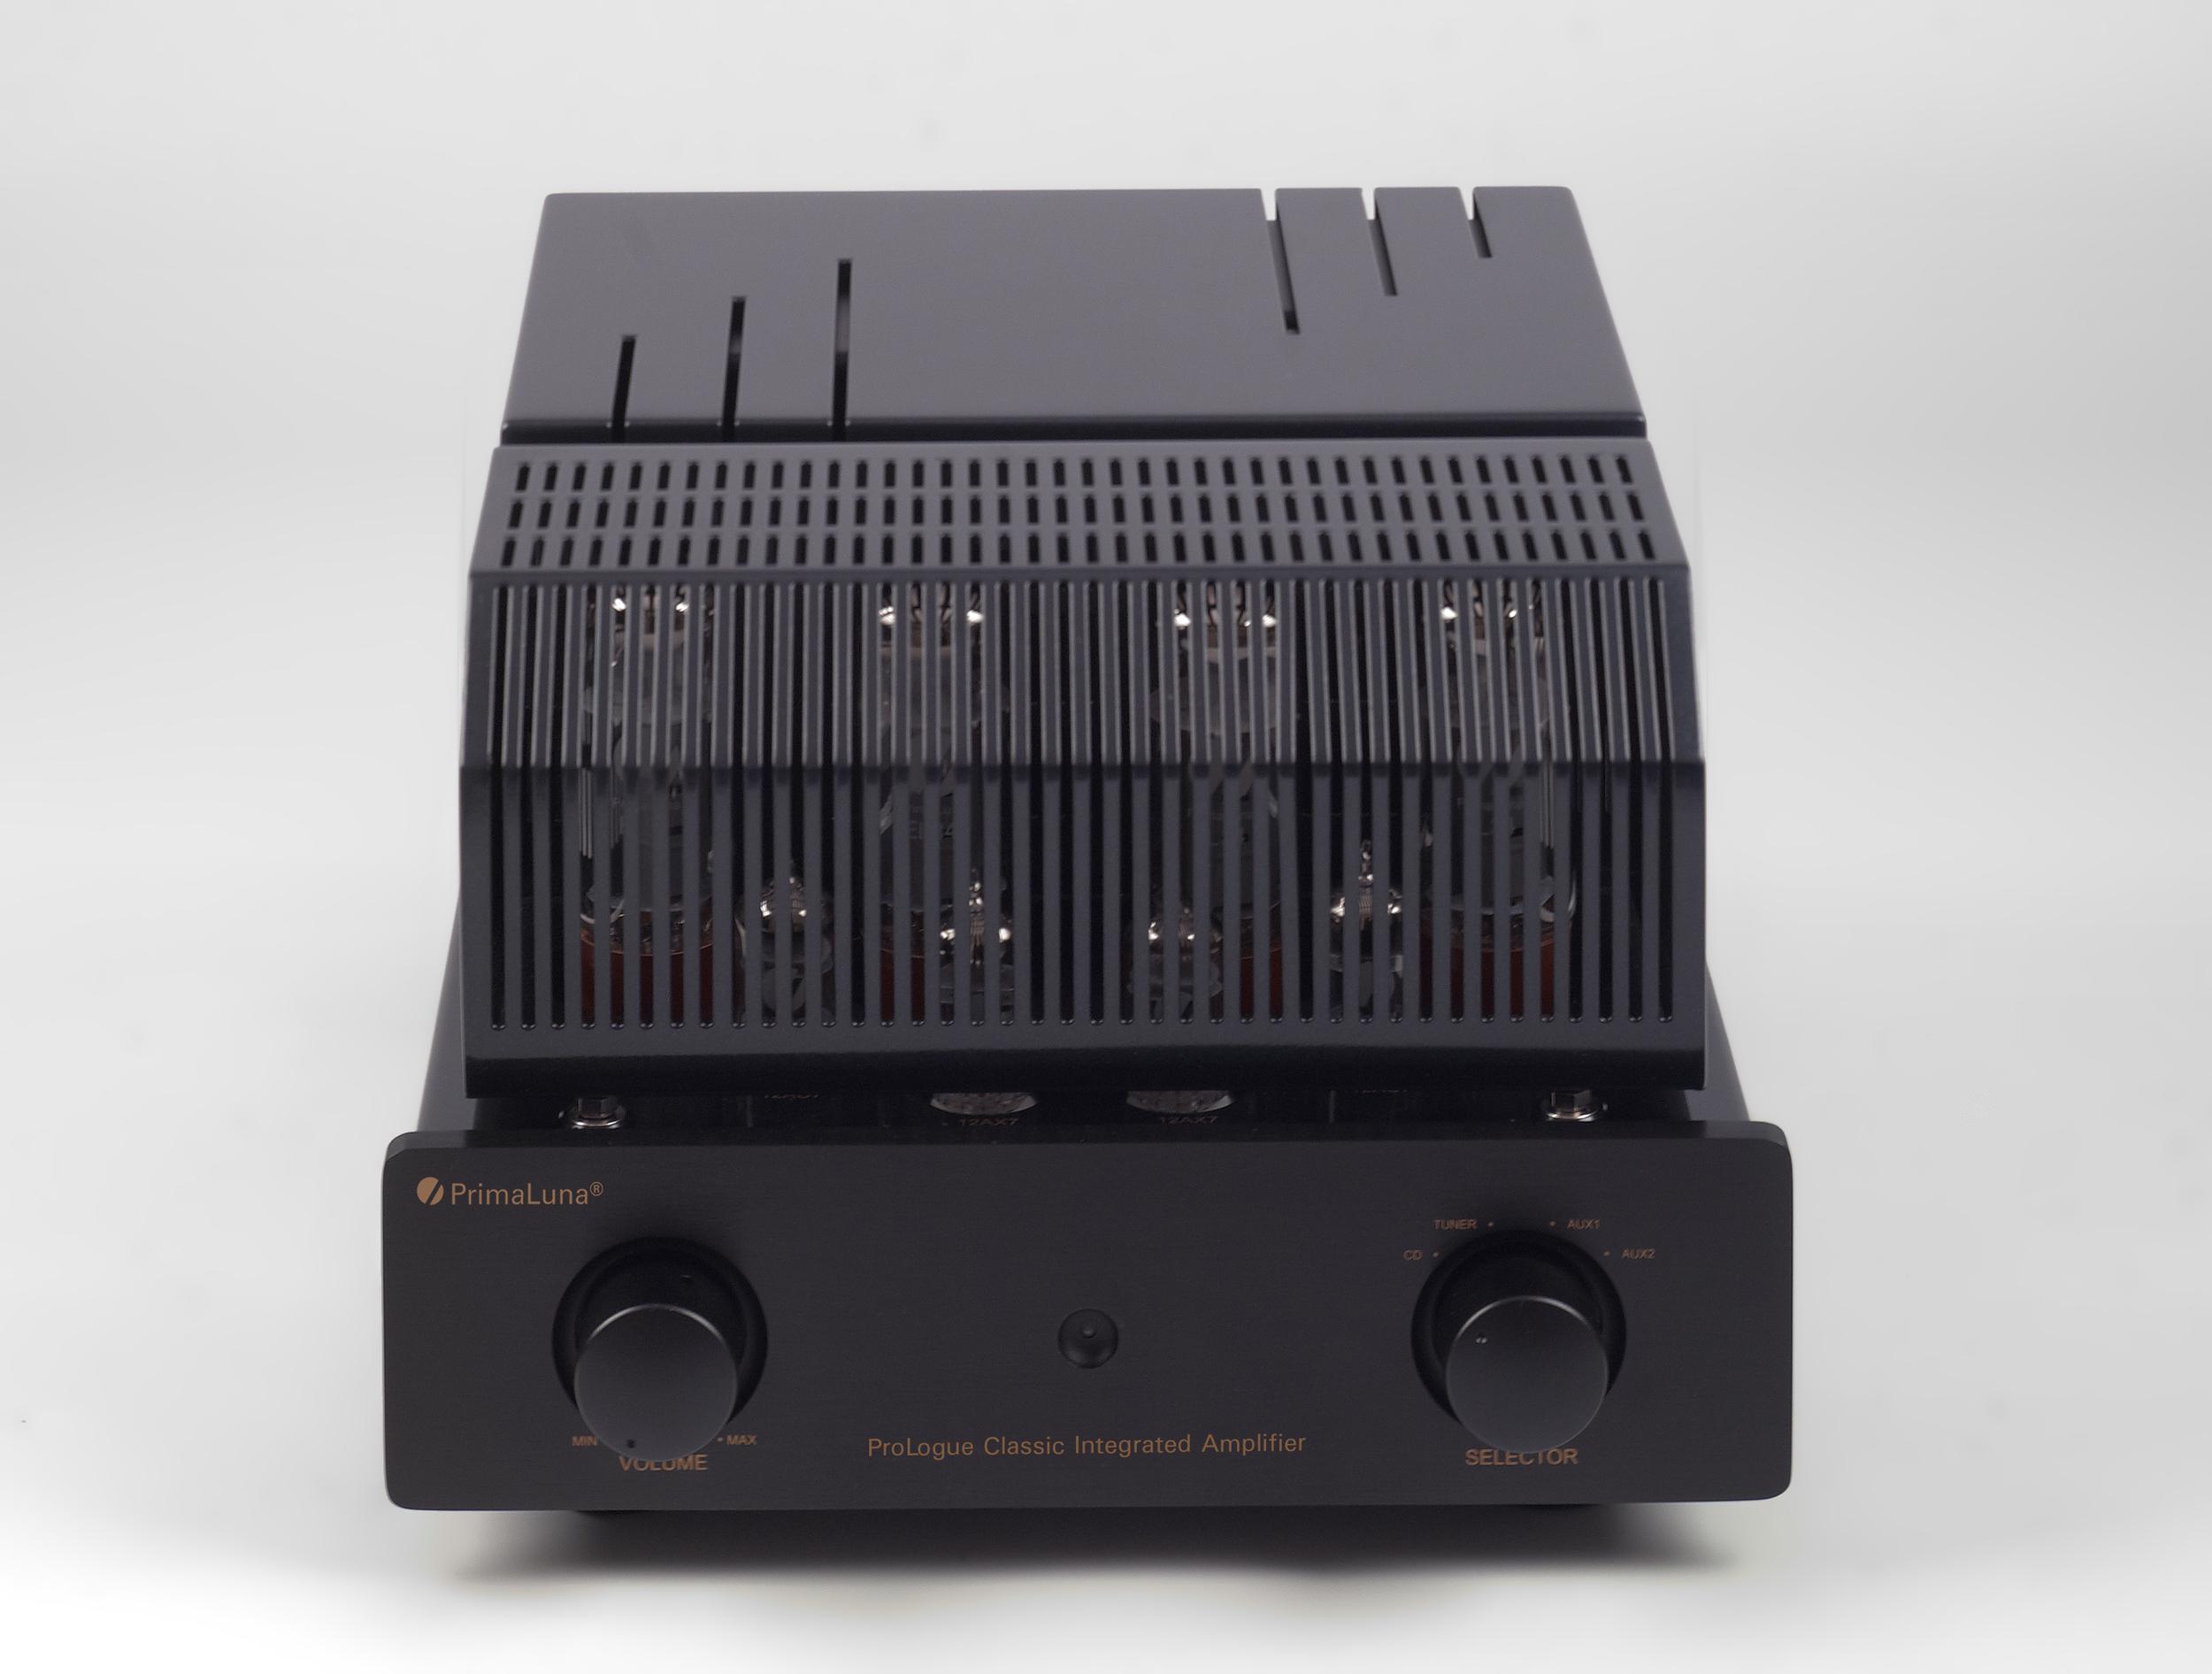 012-PrimaLuna Classic Integrated Amplifier-zwart.jpg